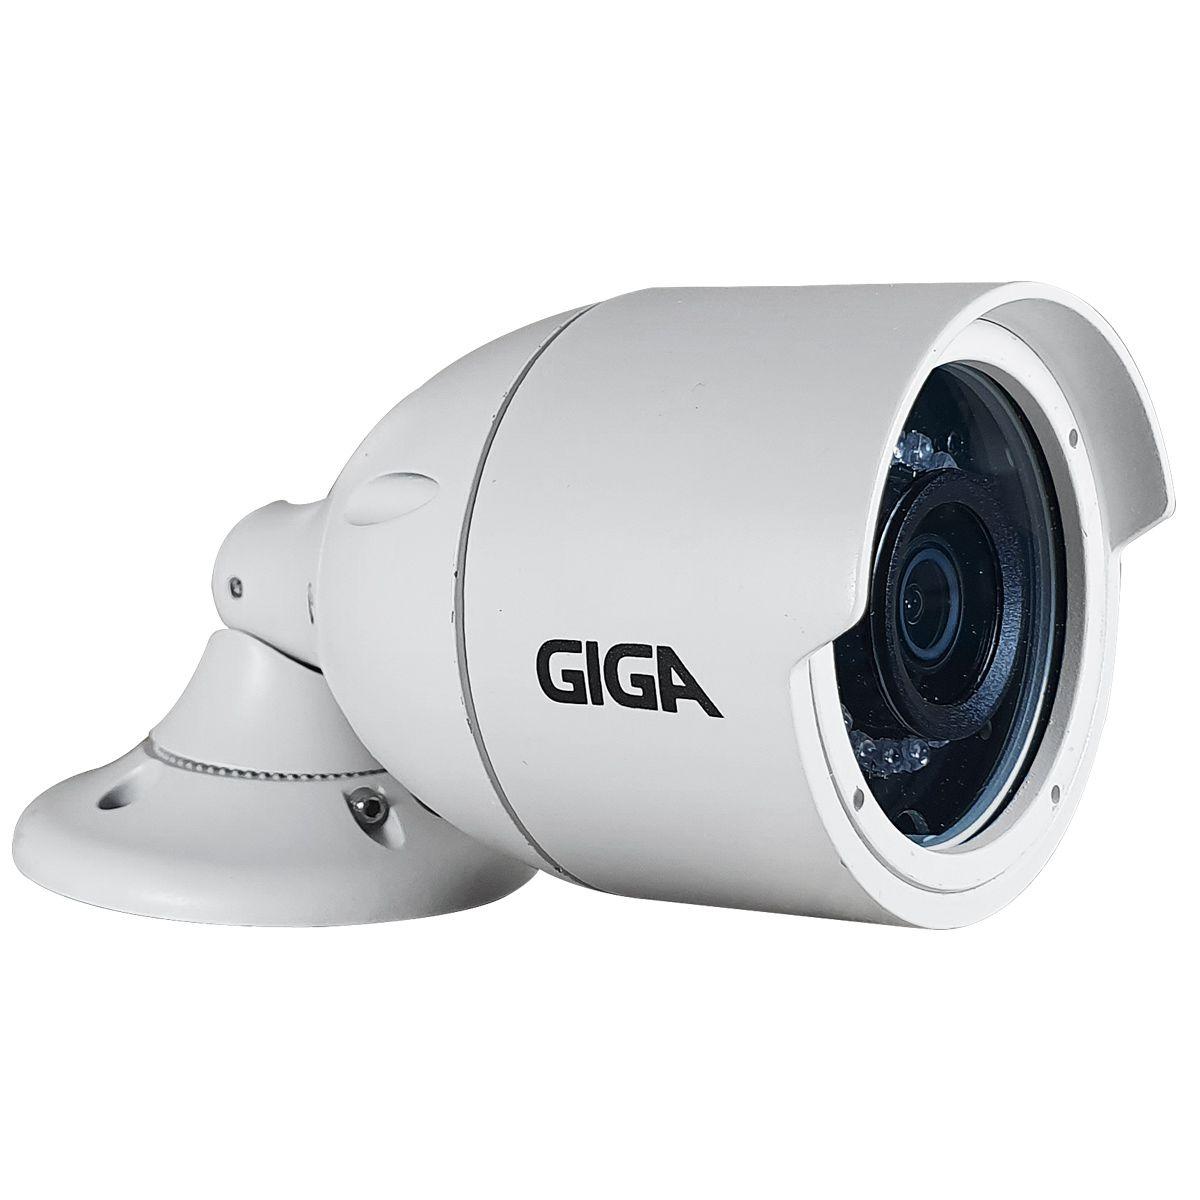 Kit 2 Câmeras  5MP + DVR Giga +  HD 1TB + App de  Monitoramento, Câmeras 30m Infravermelho de Visão Noturna Giga Security GS0047 Completo com Acessórios  - Tudo Forte